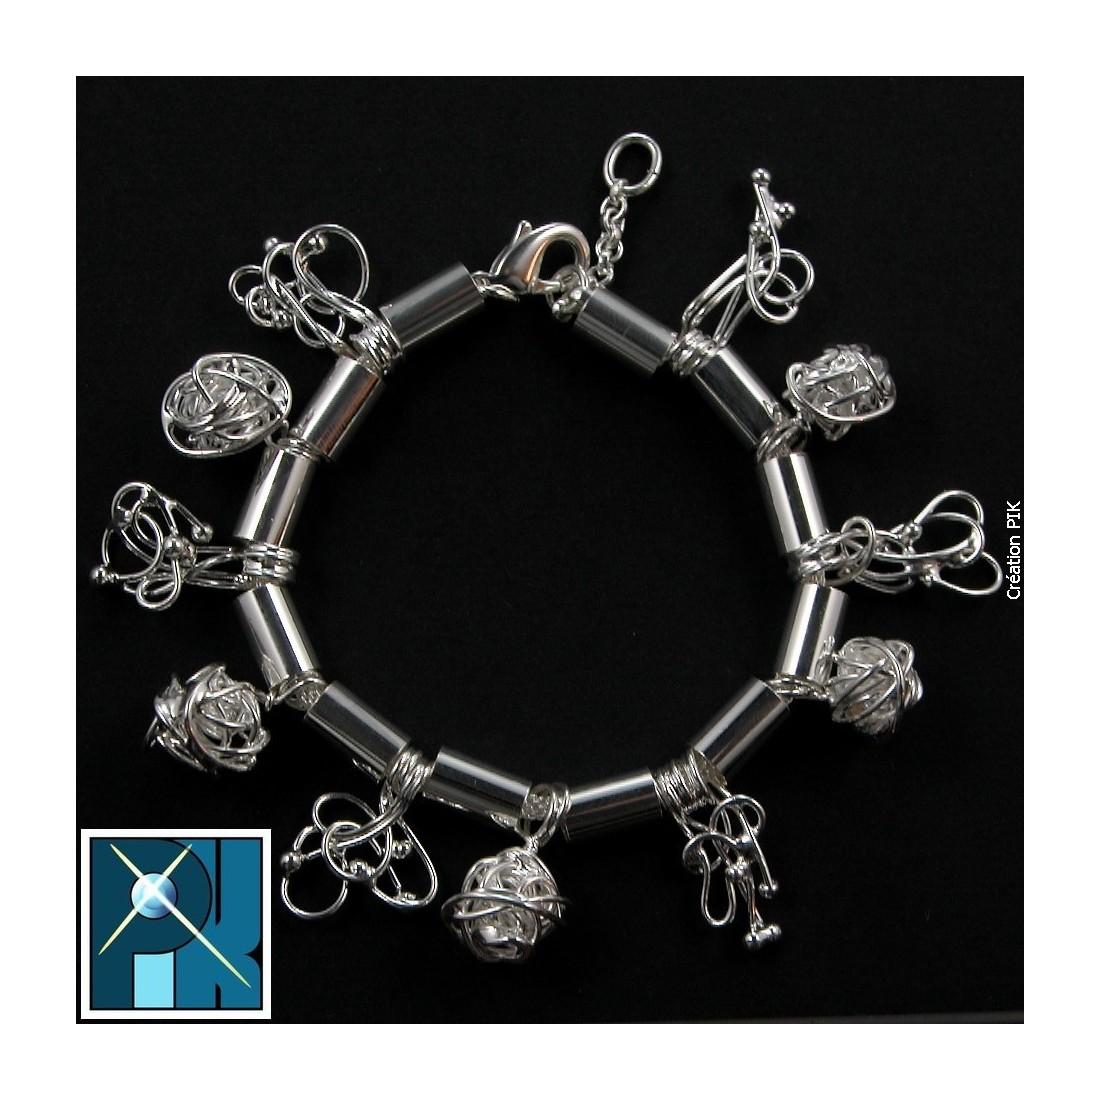 Bracelet souple sur chaîne ronde, bijou fantaisie.